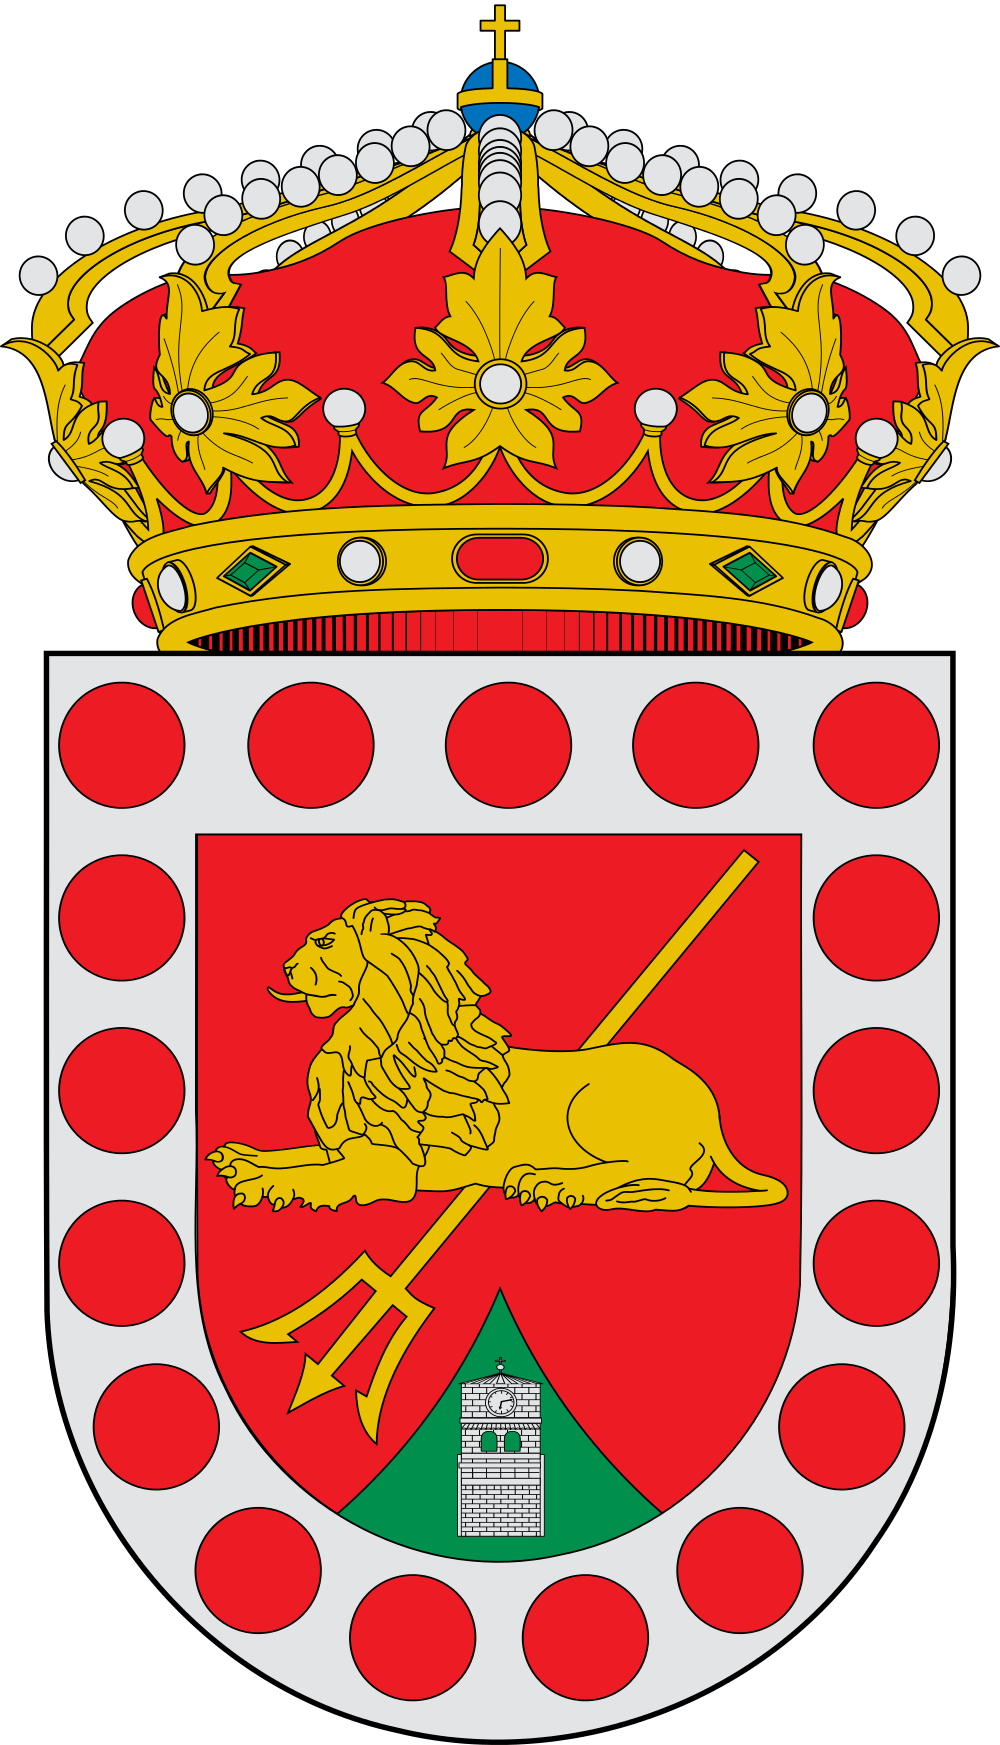 File:Escudo de San Mamés de Burgos.svg.